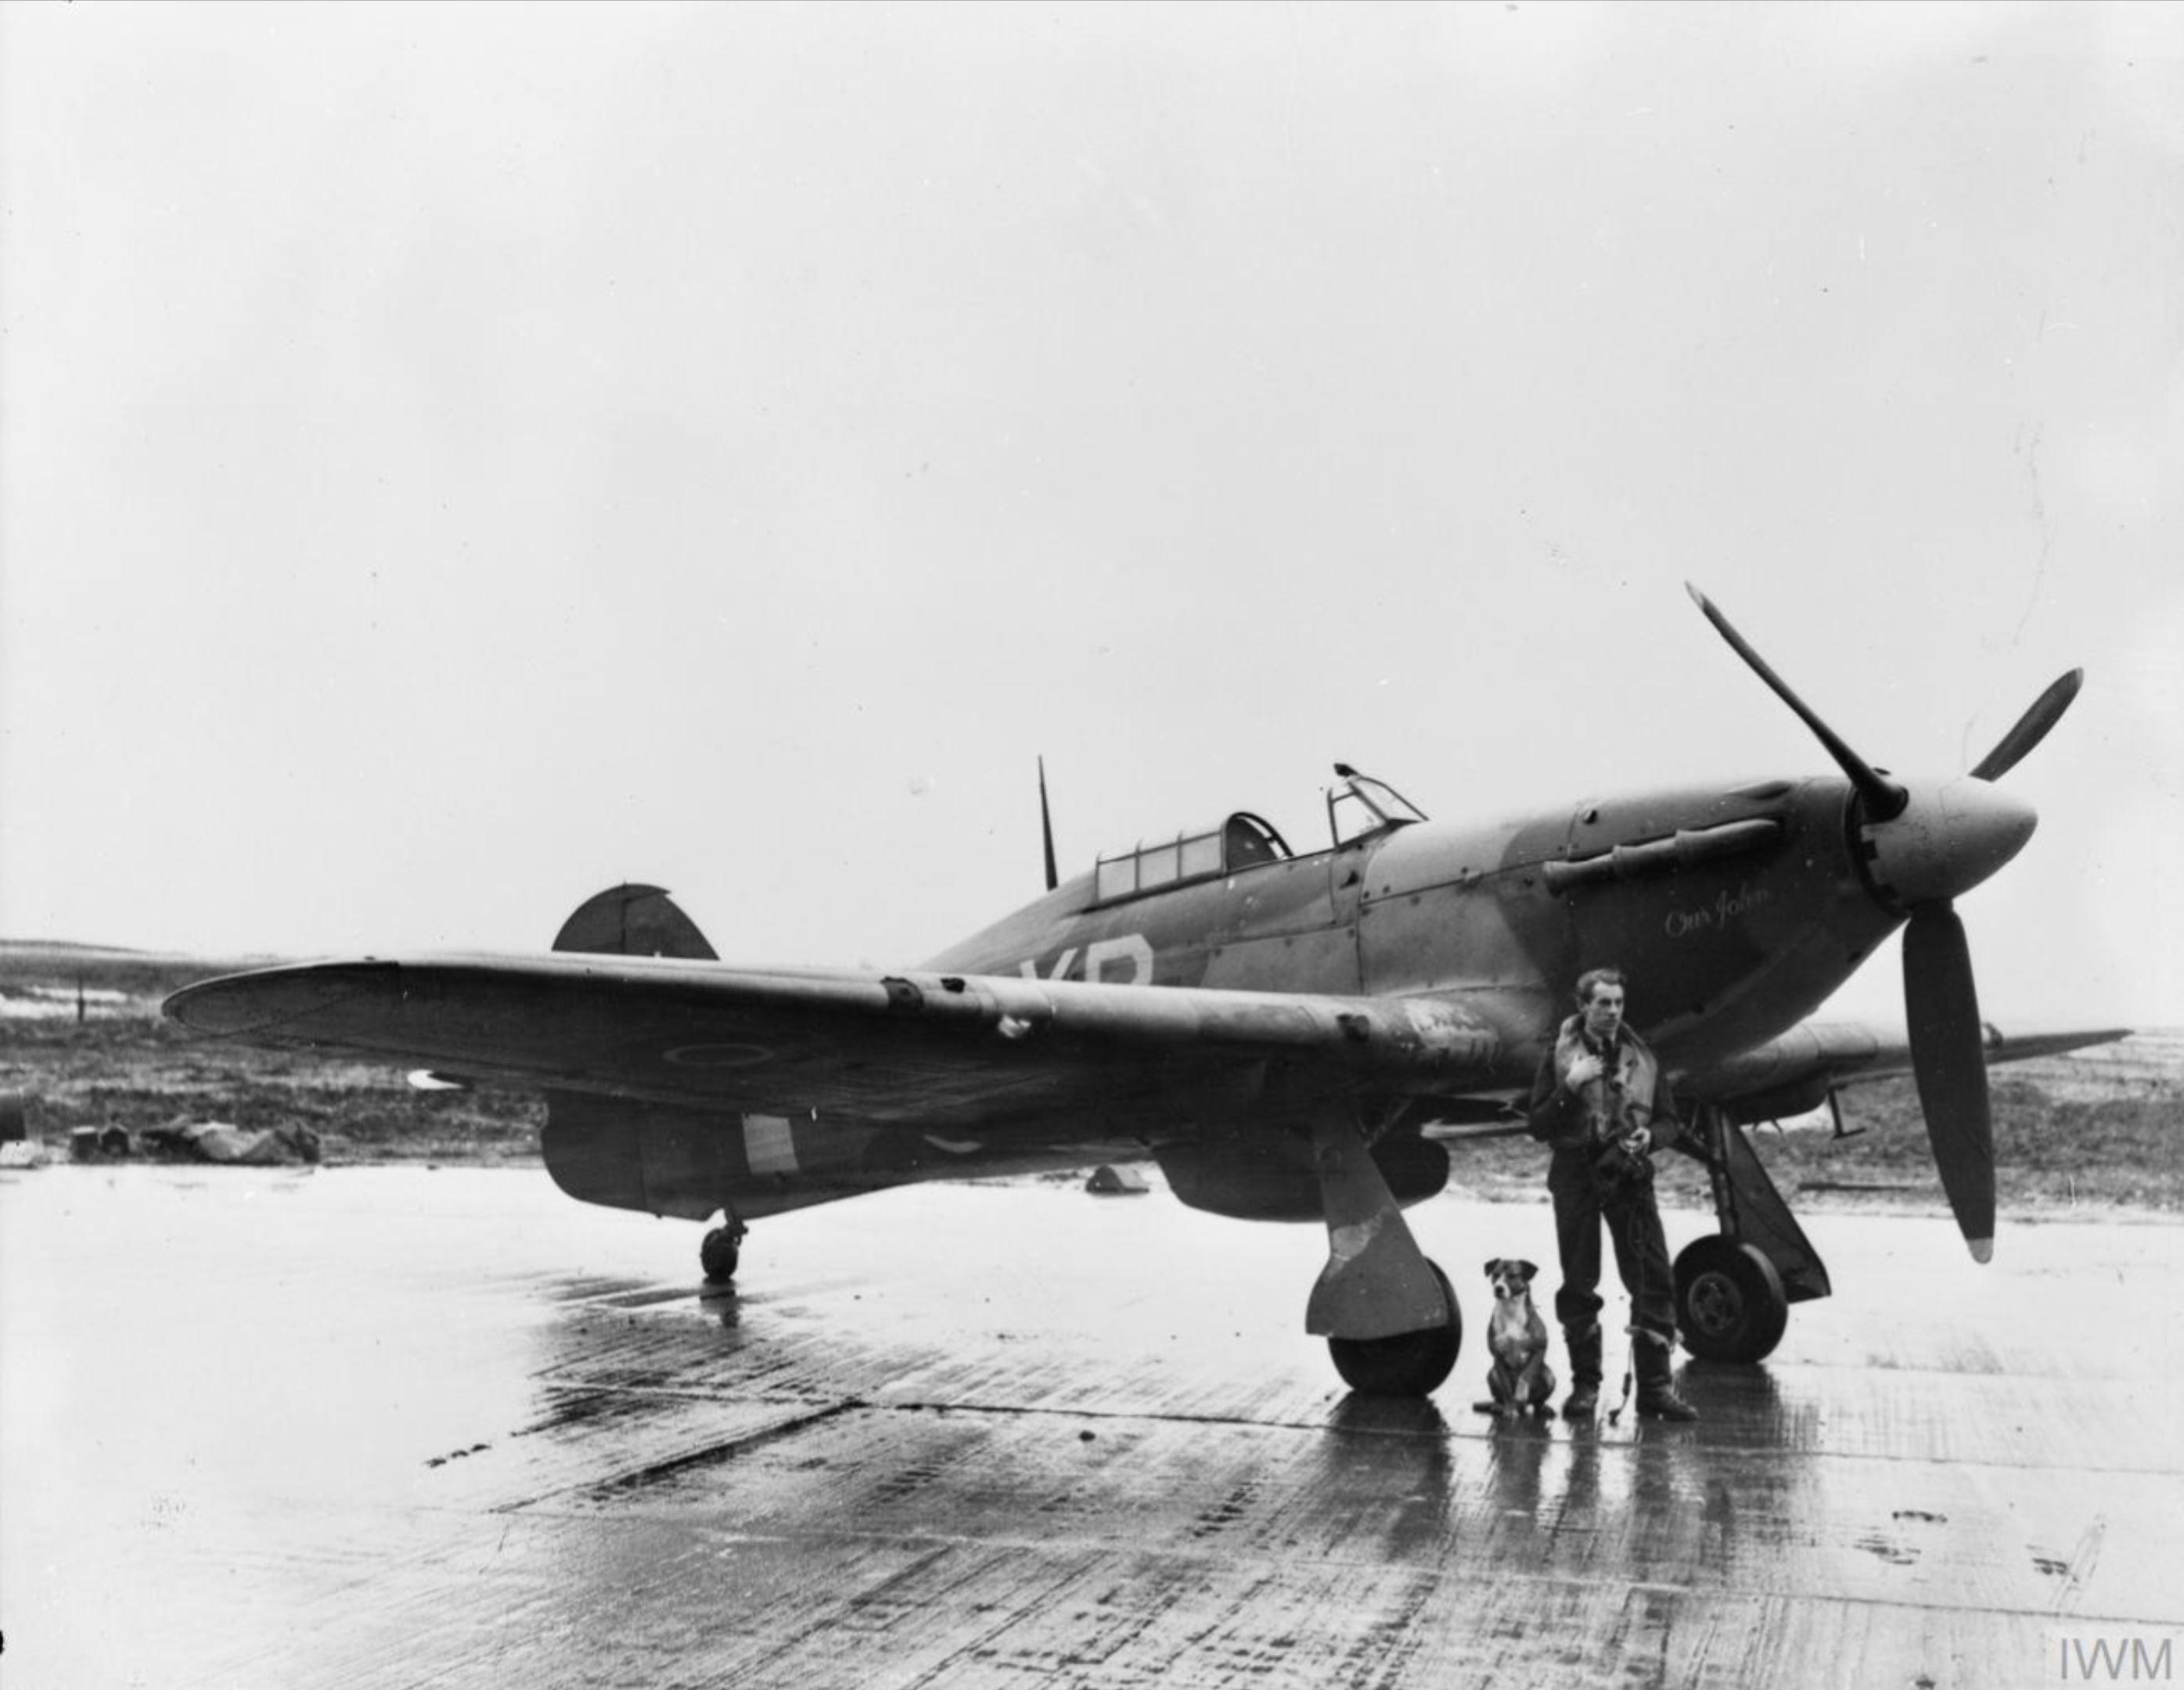 Hurricane IIb RAF 174Sqn HV894 based at Odiham Hampshire IWM CH8239